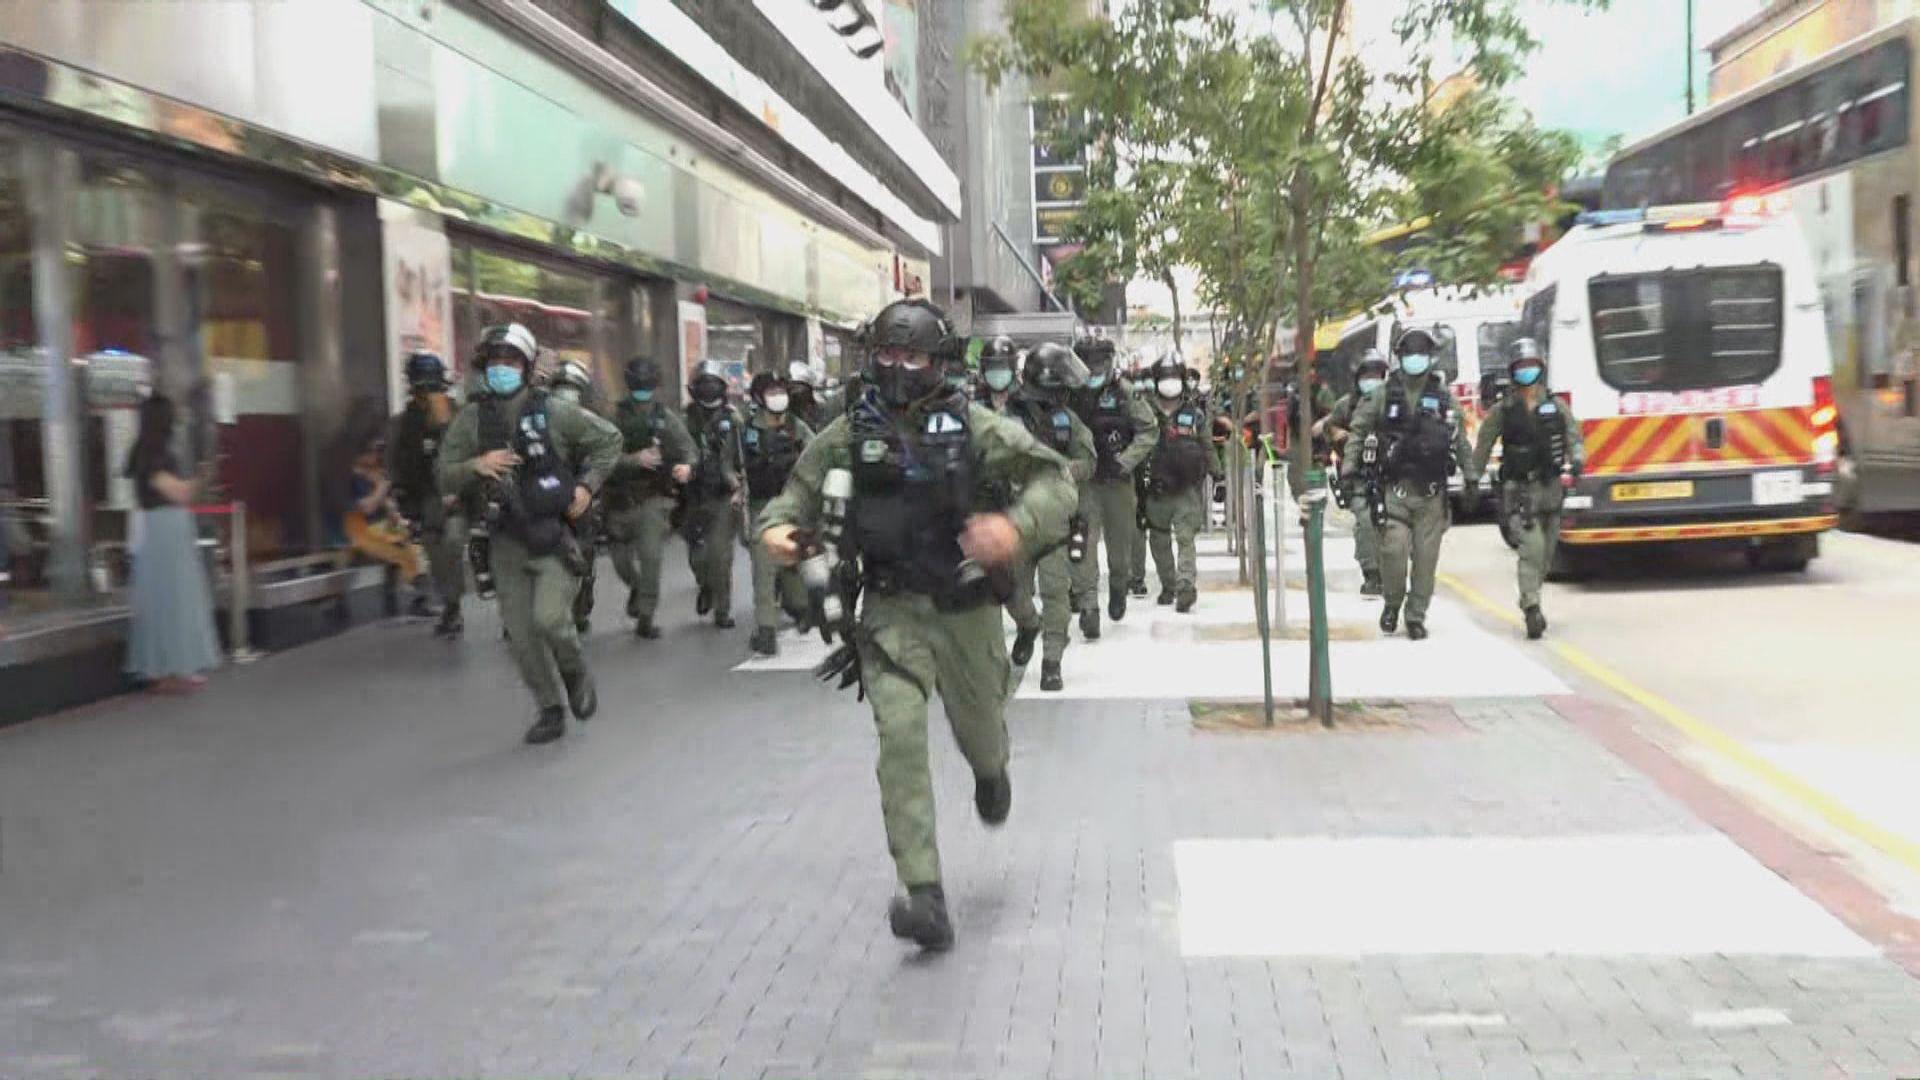 網民發起九龍遊行 警方拘約90人涉非法集結、襲警等